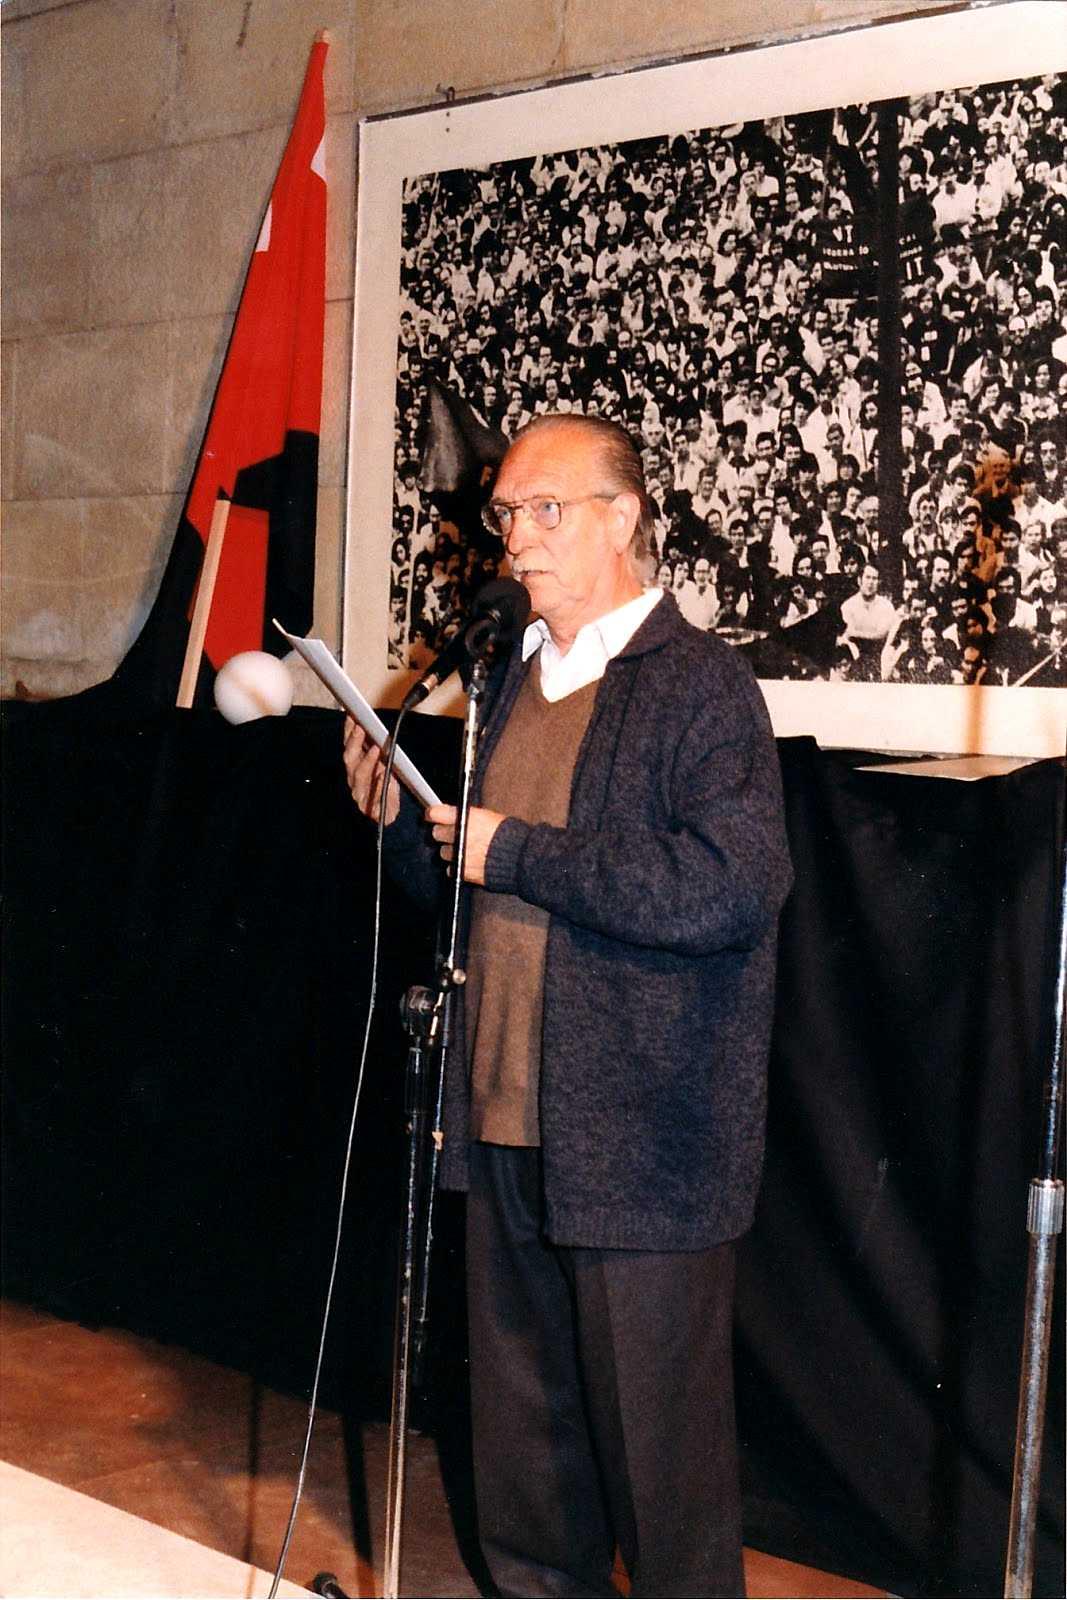 Guillem Pizarro Borràs recitant a la plaça Emili Vendrell de Barcelona